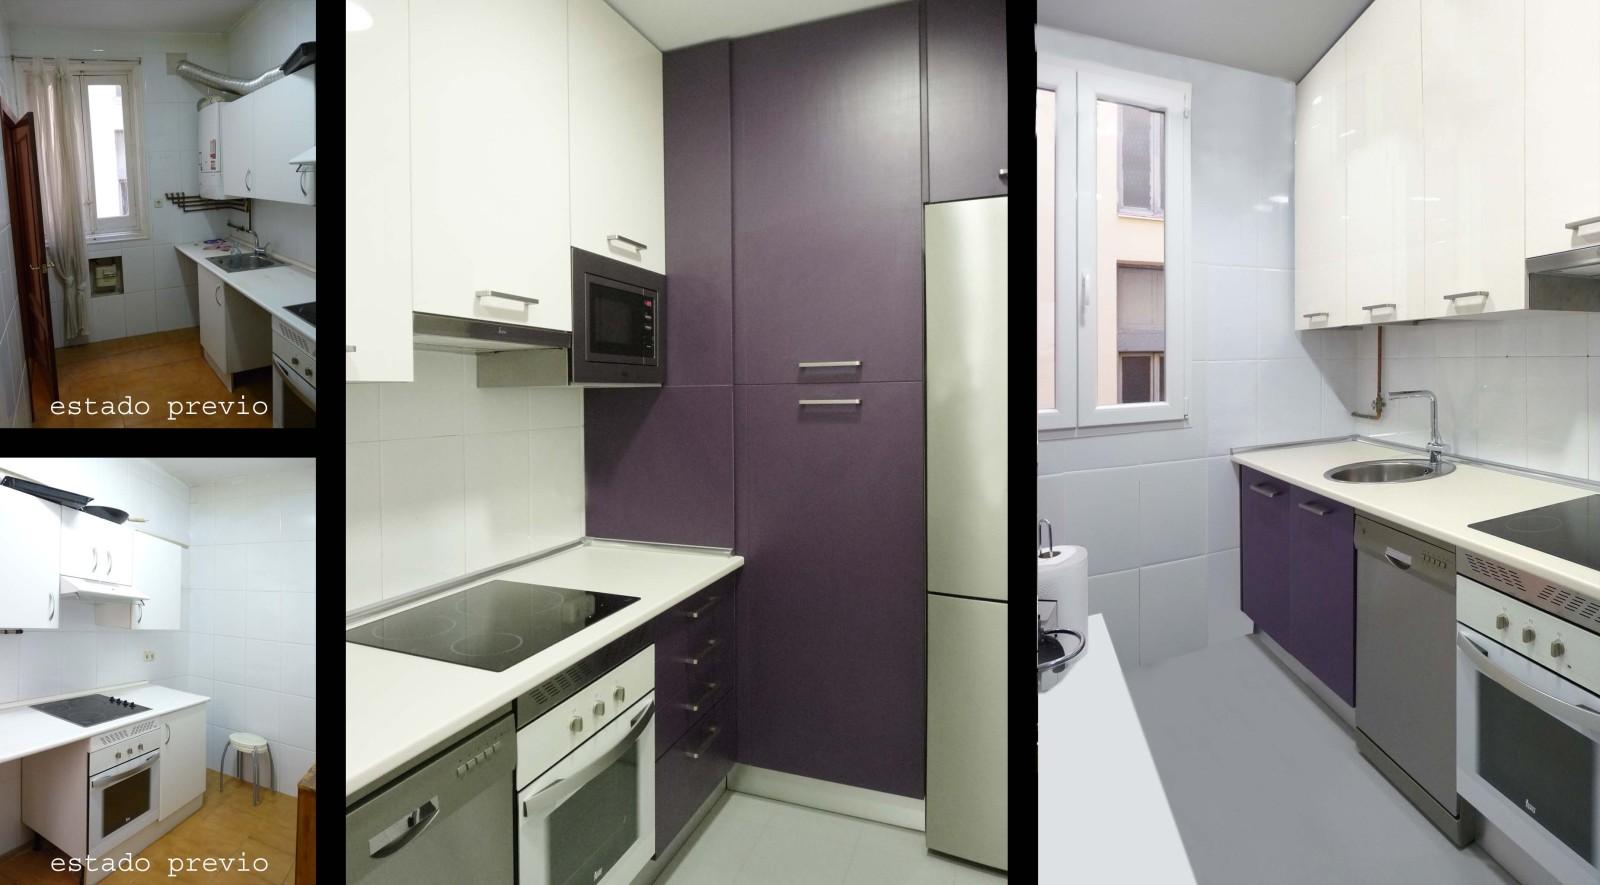 En la cocina se puso suelo nuevo y se cambió el mobiliario aprovechando al máximo el espacio para almacenaje.